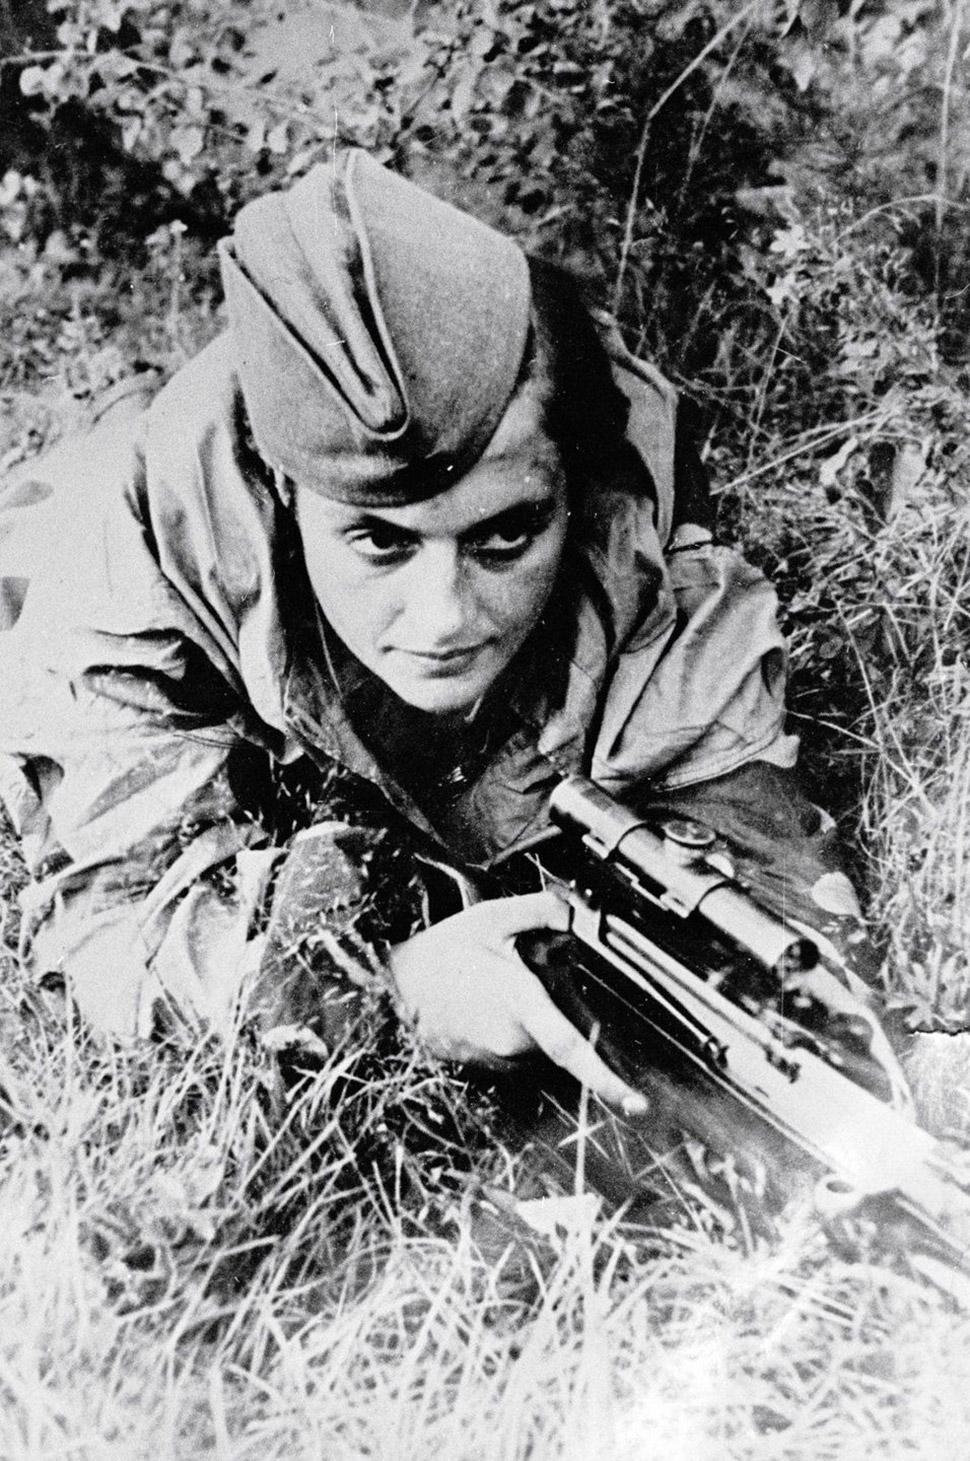 6 июня 1942 года, Павличенко в битве за Севастополь. Ее слава зашла так далеко, что немцы пытались п